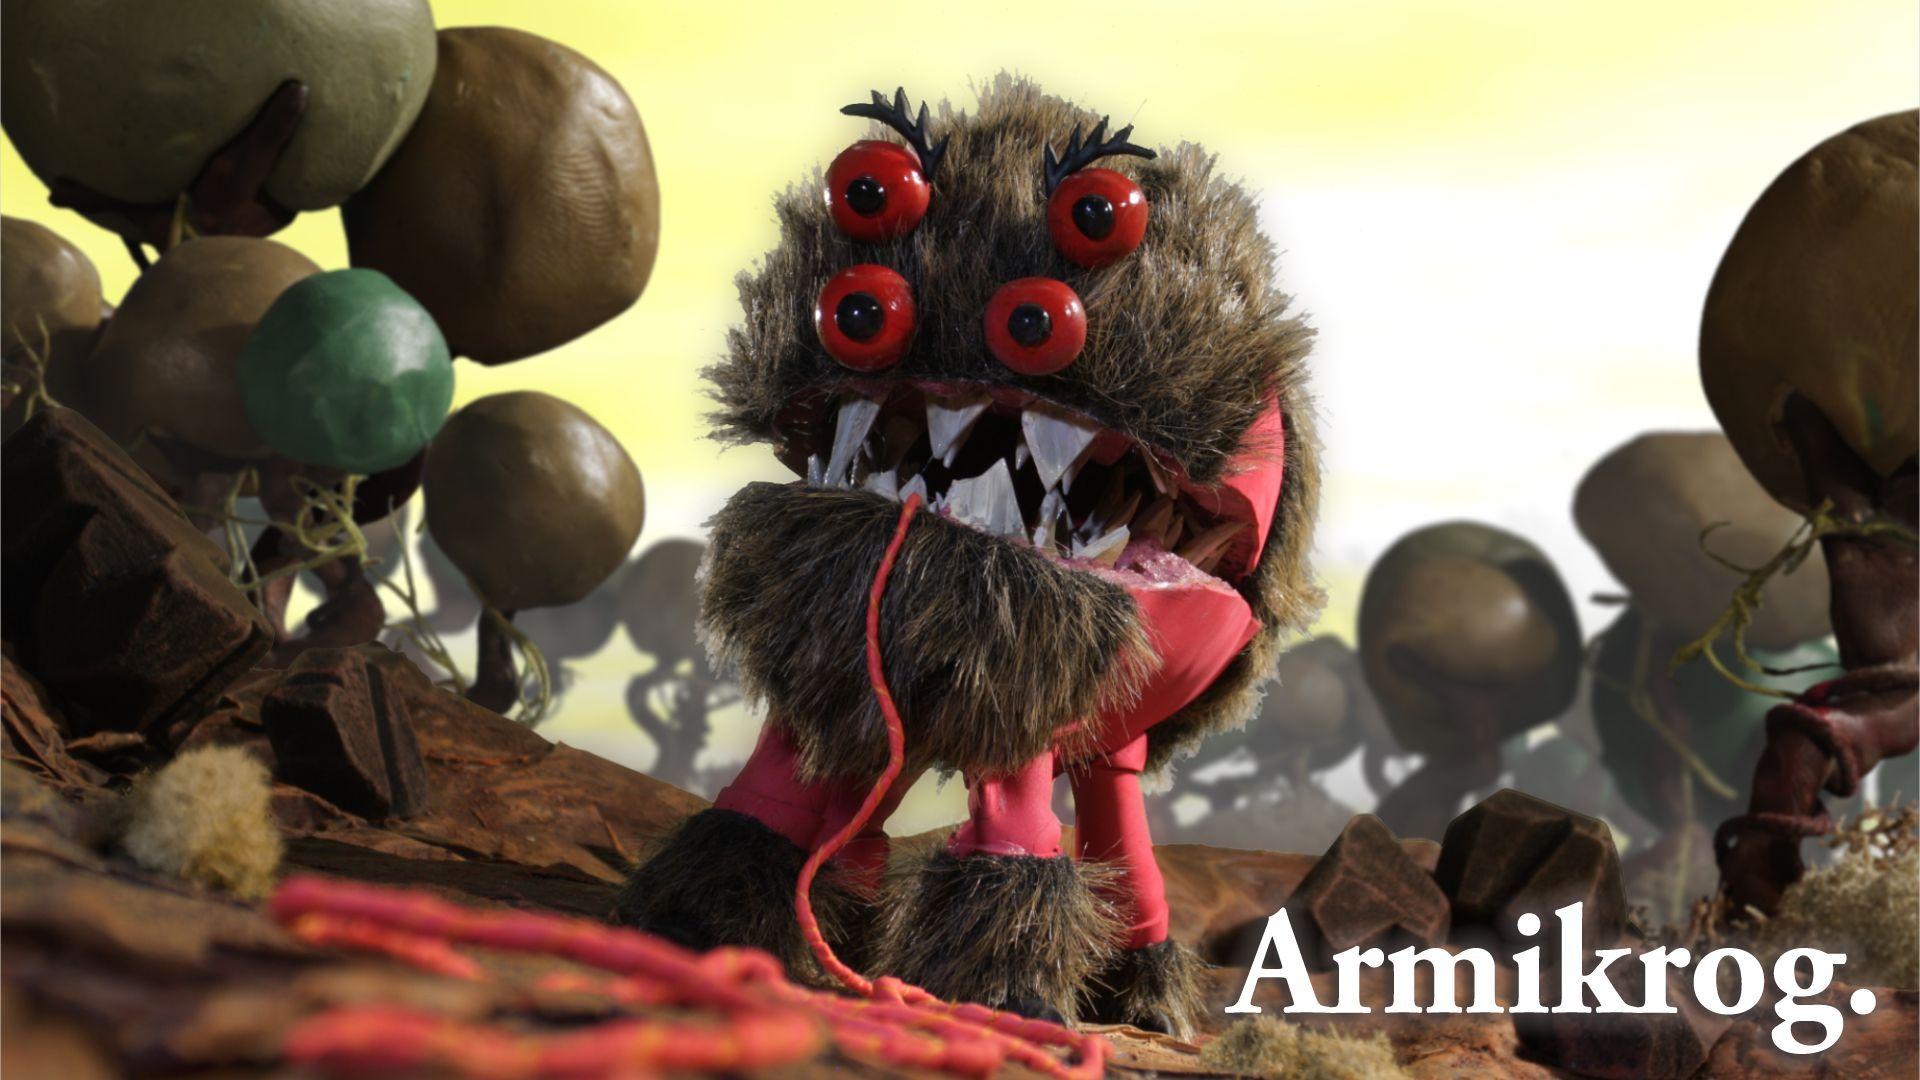 armikrog_featured